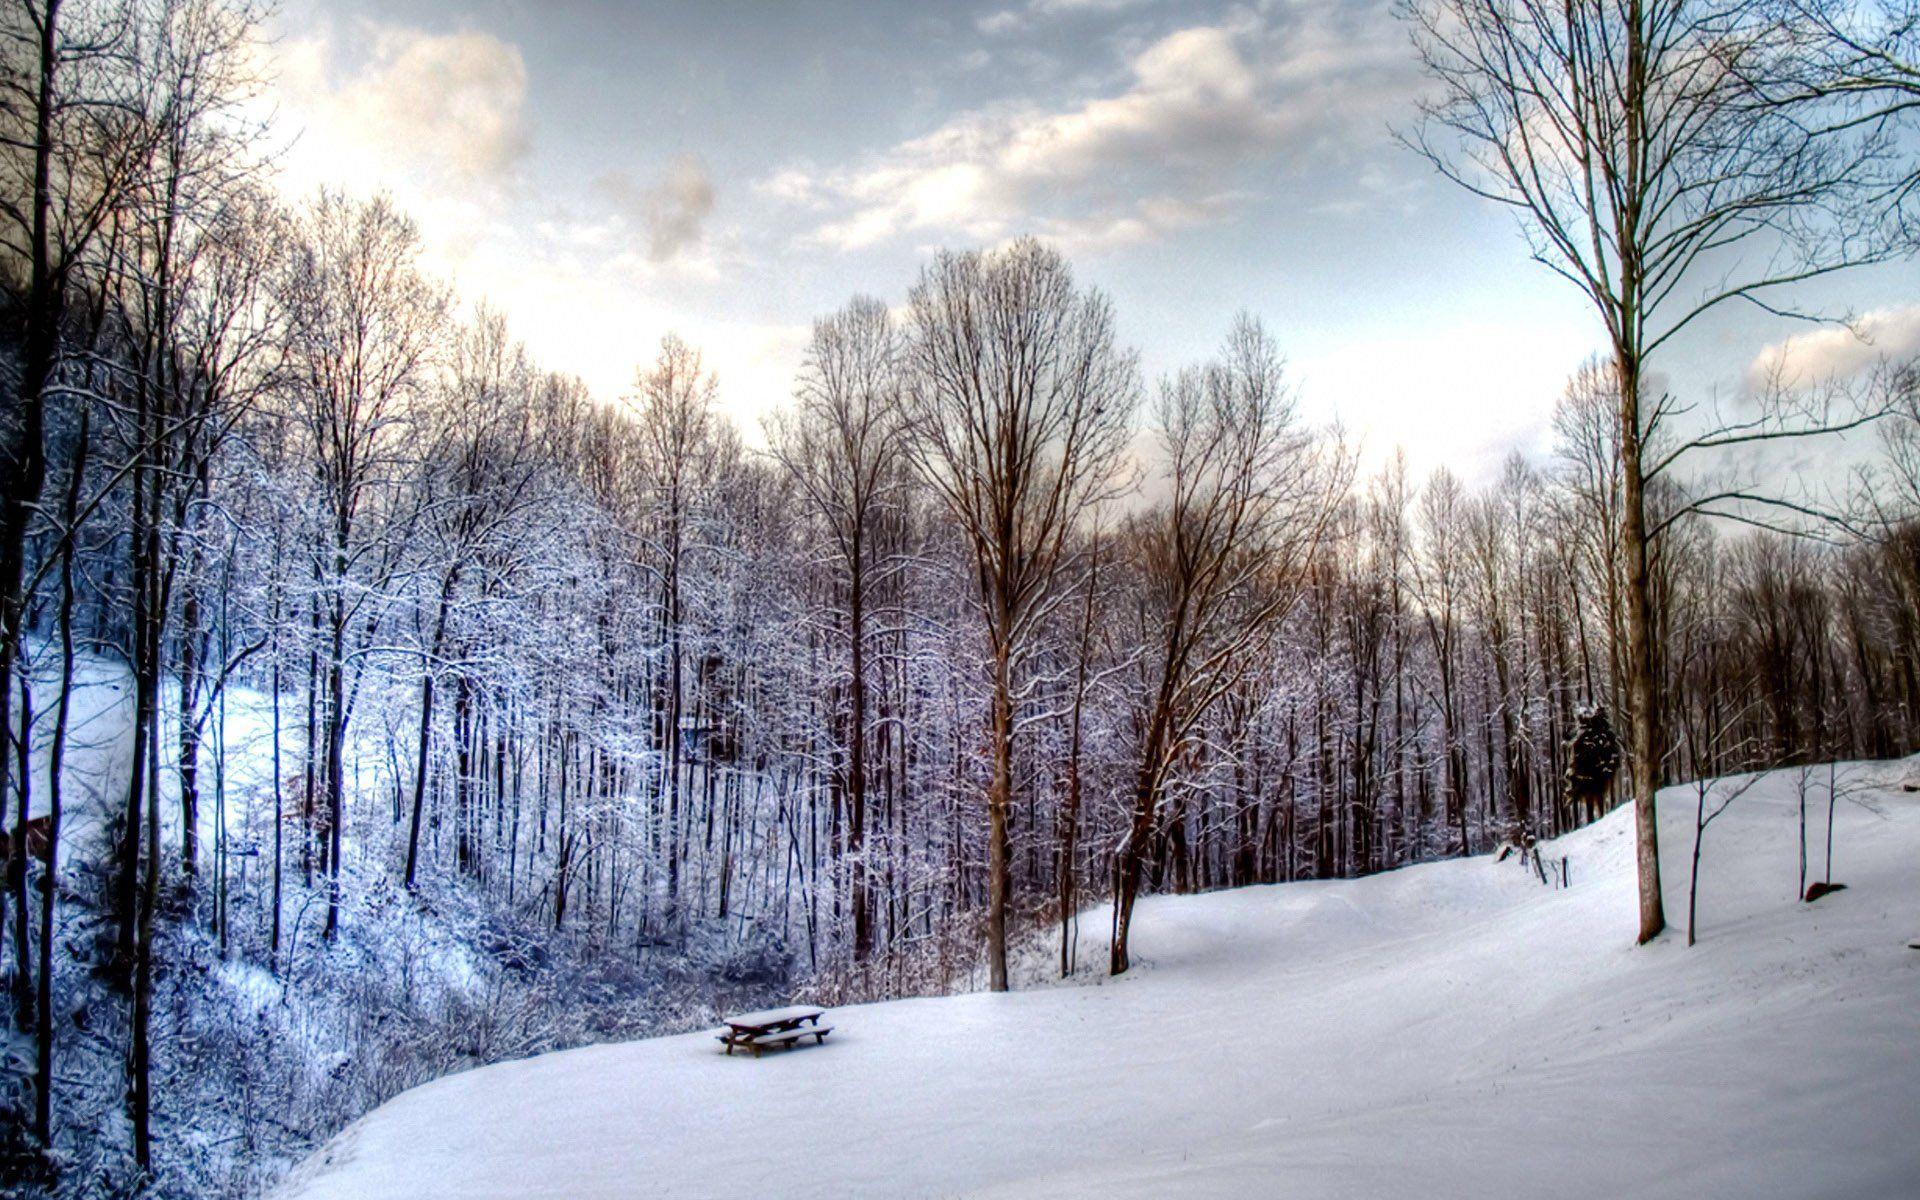 Vermont Winter Scenes Wallpapers - Top Free Vermont Winter ...